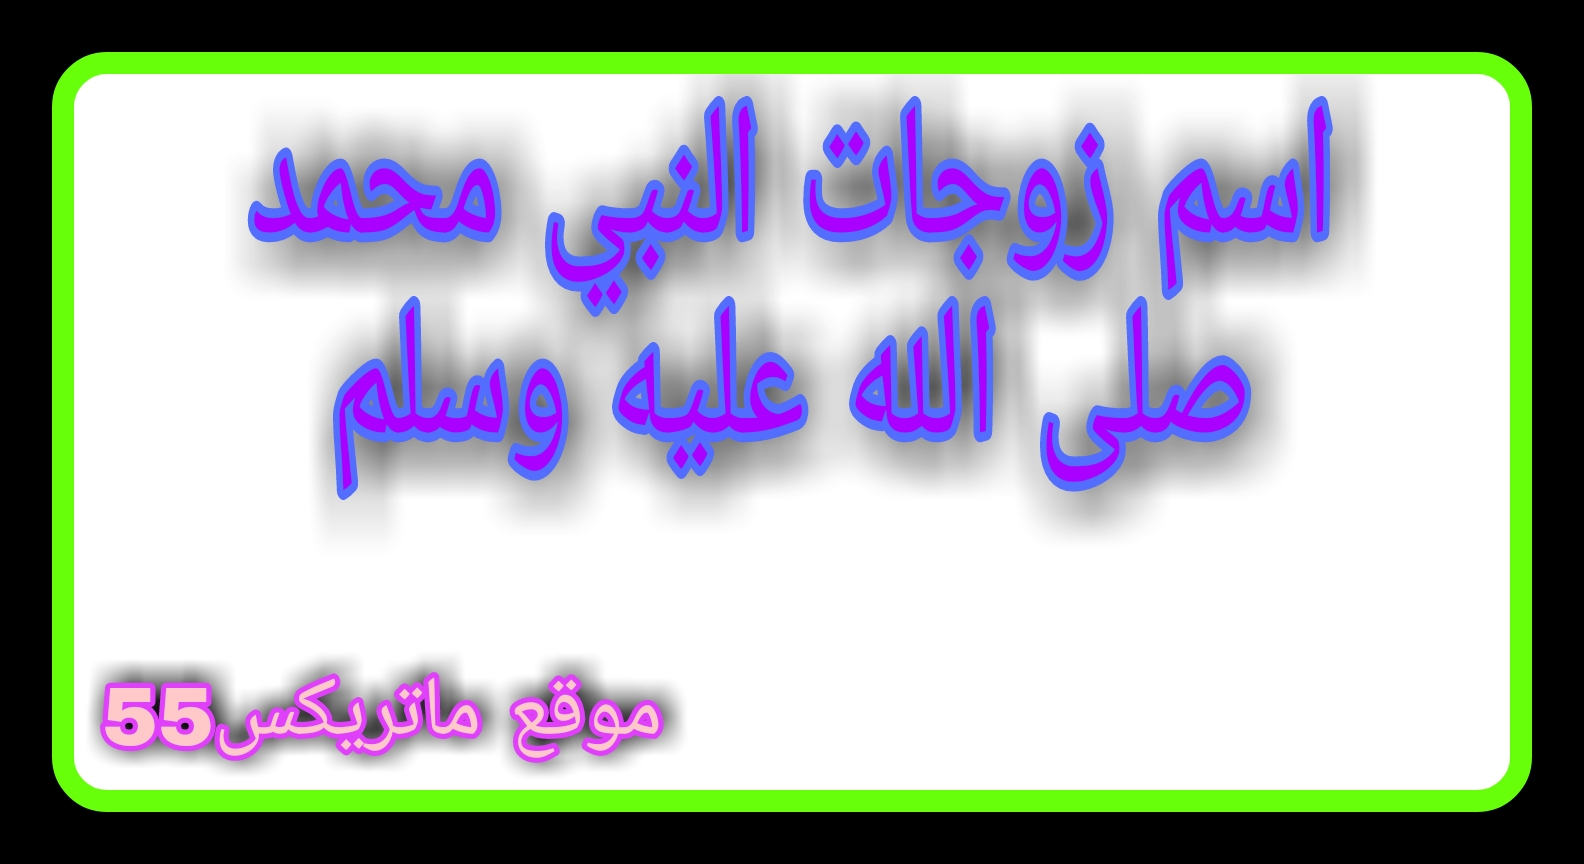 ما اسم زوجات النبي صلى الله عليه وسلم | لماذا تعددت زوجات الرسول صلى الله عليه وسلم